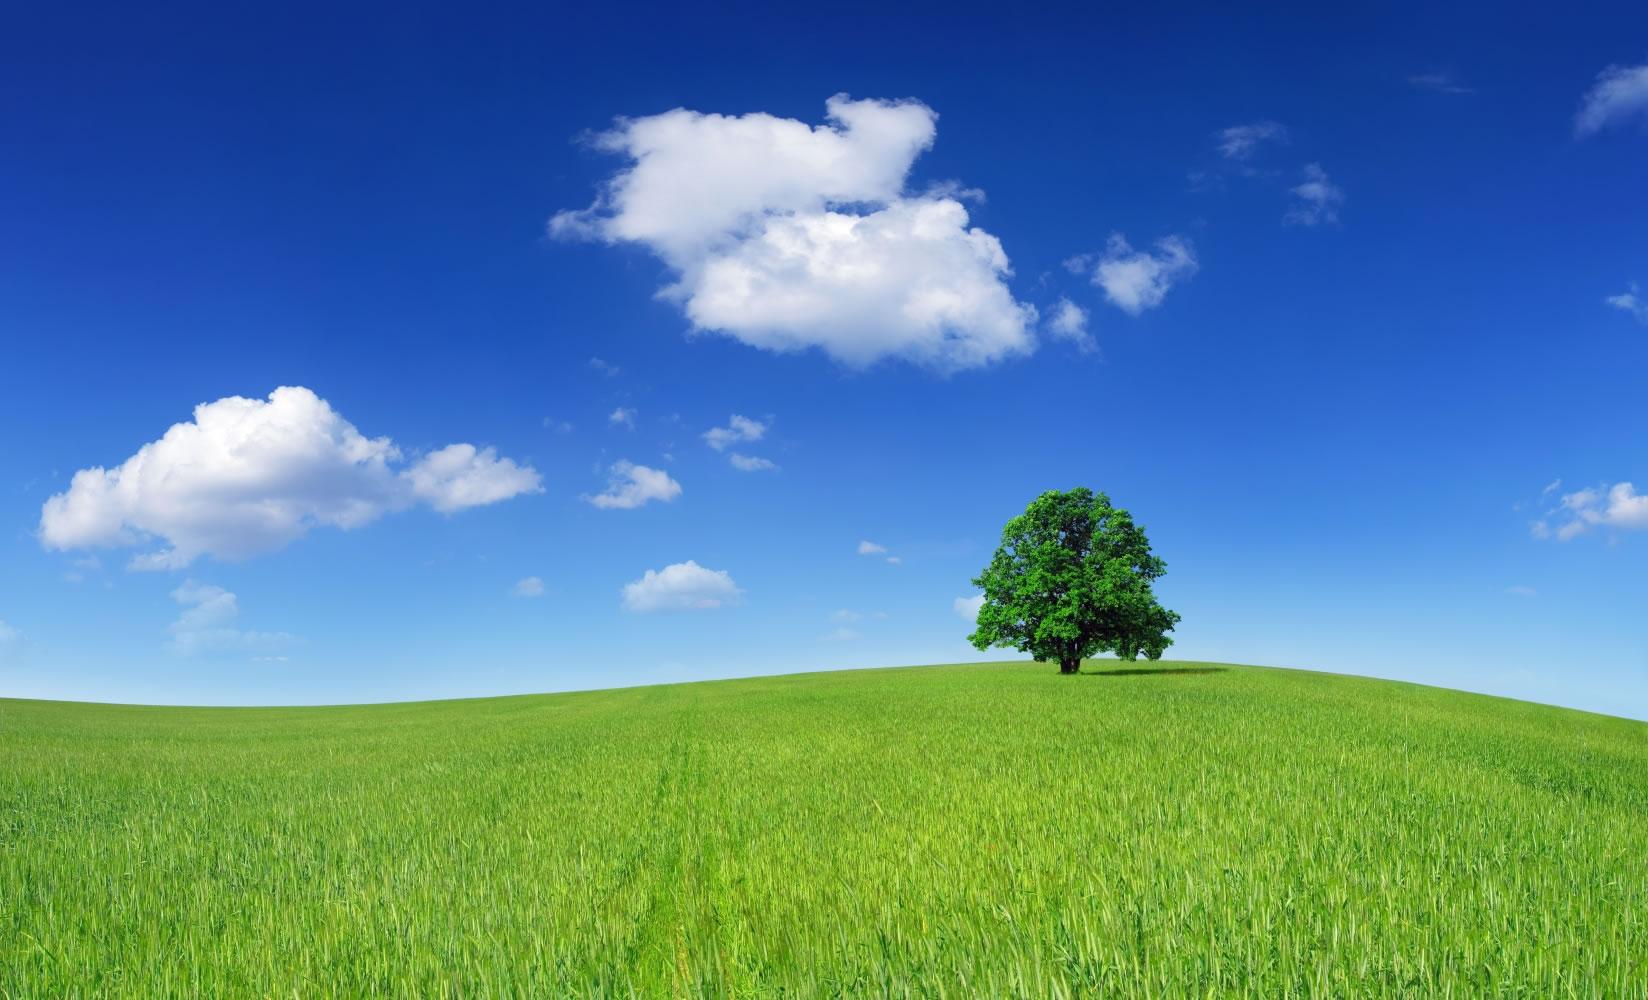 Fiche de vocabulaire environnement et cologie 3 lec s jours linguistiques - Couche d ozone en anglais ...